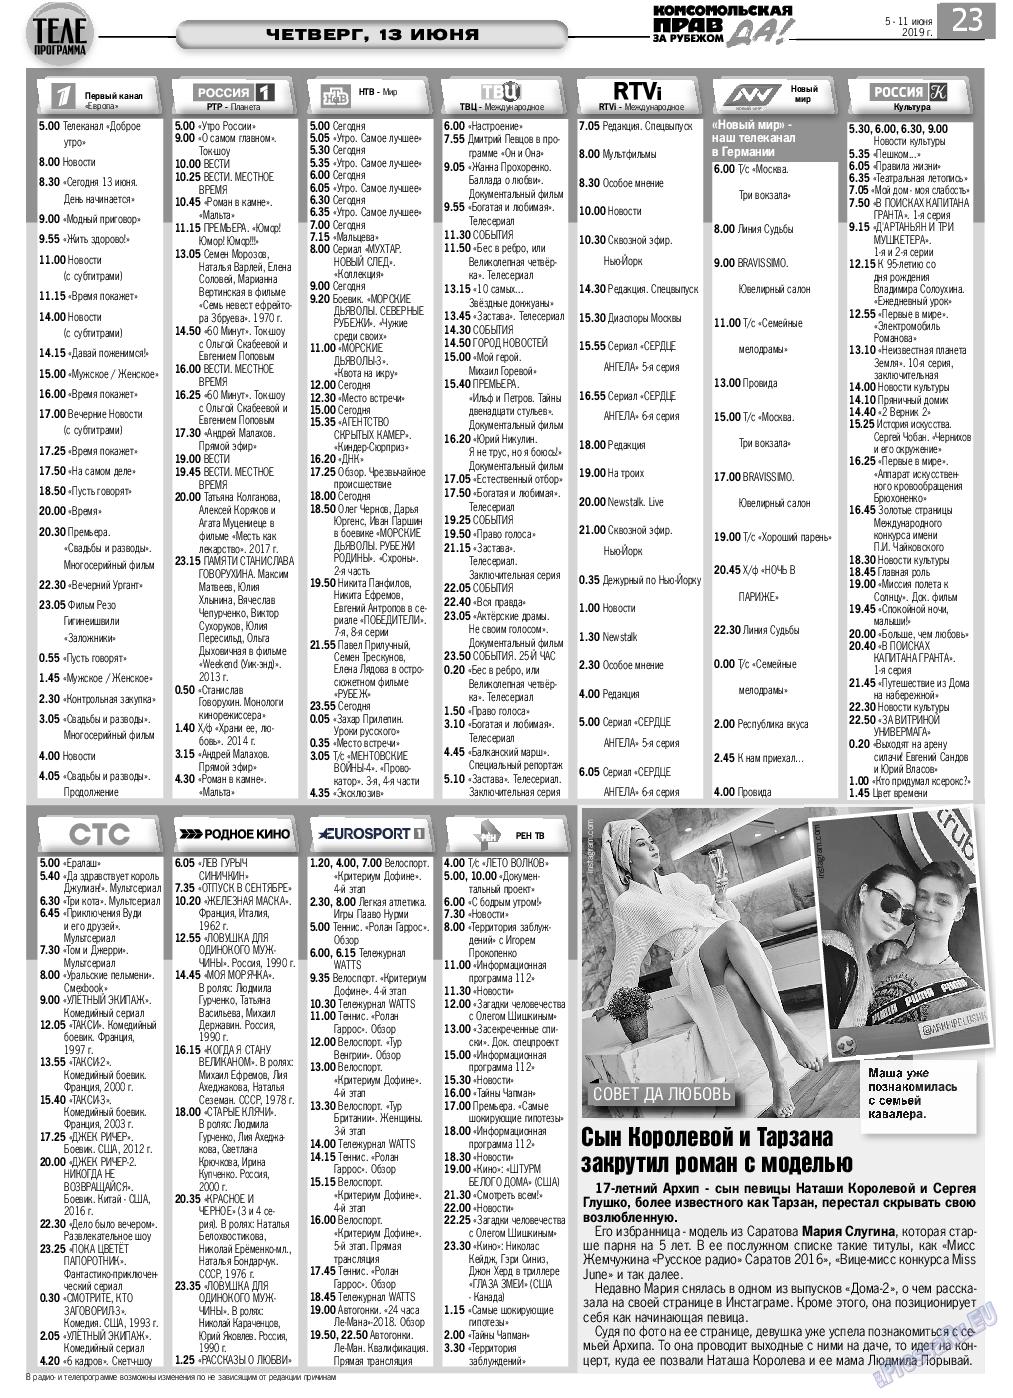 КП в Европе (газета). 2019 год, номер 23, стр. 23